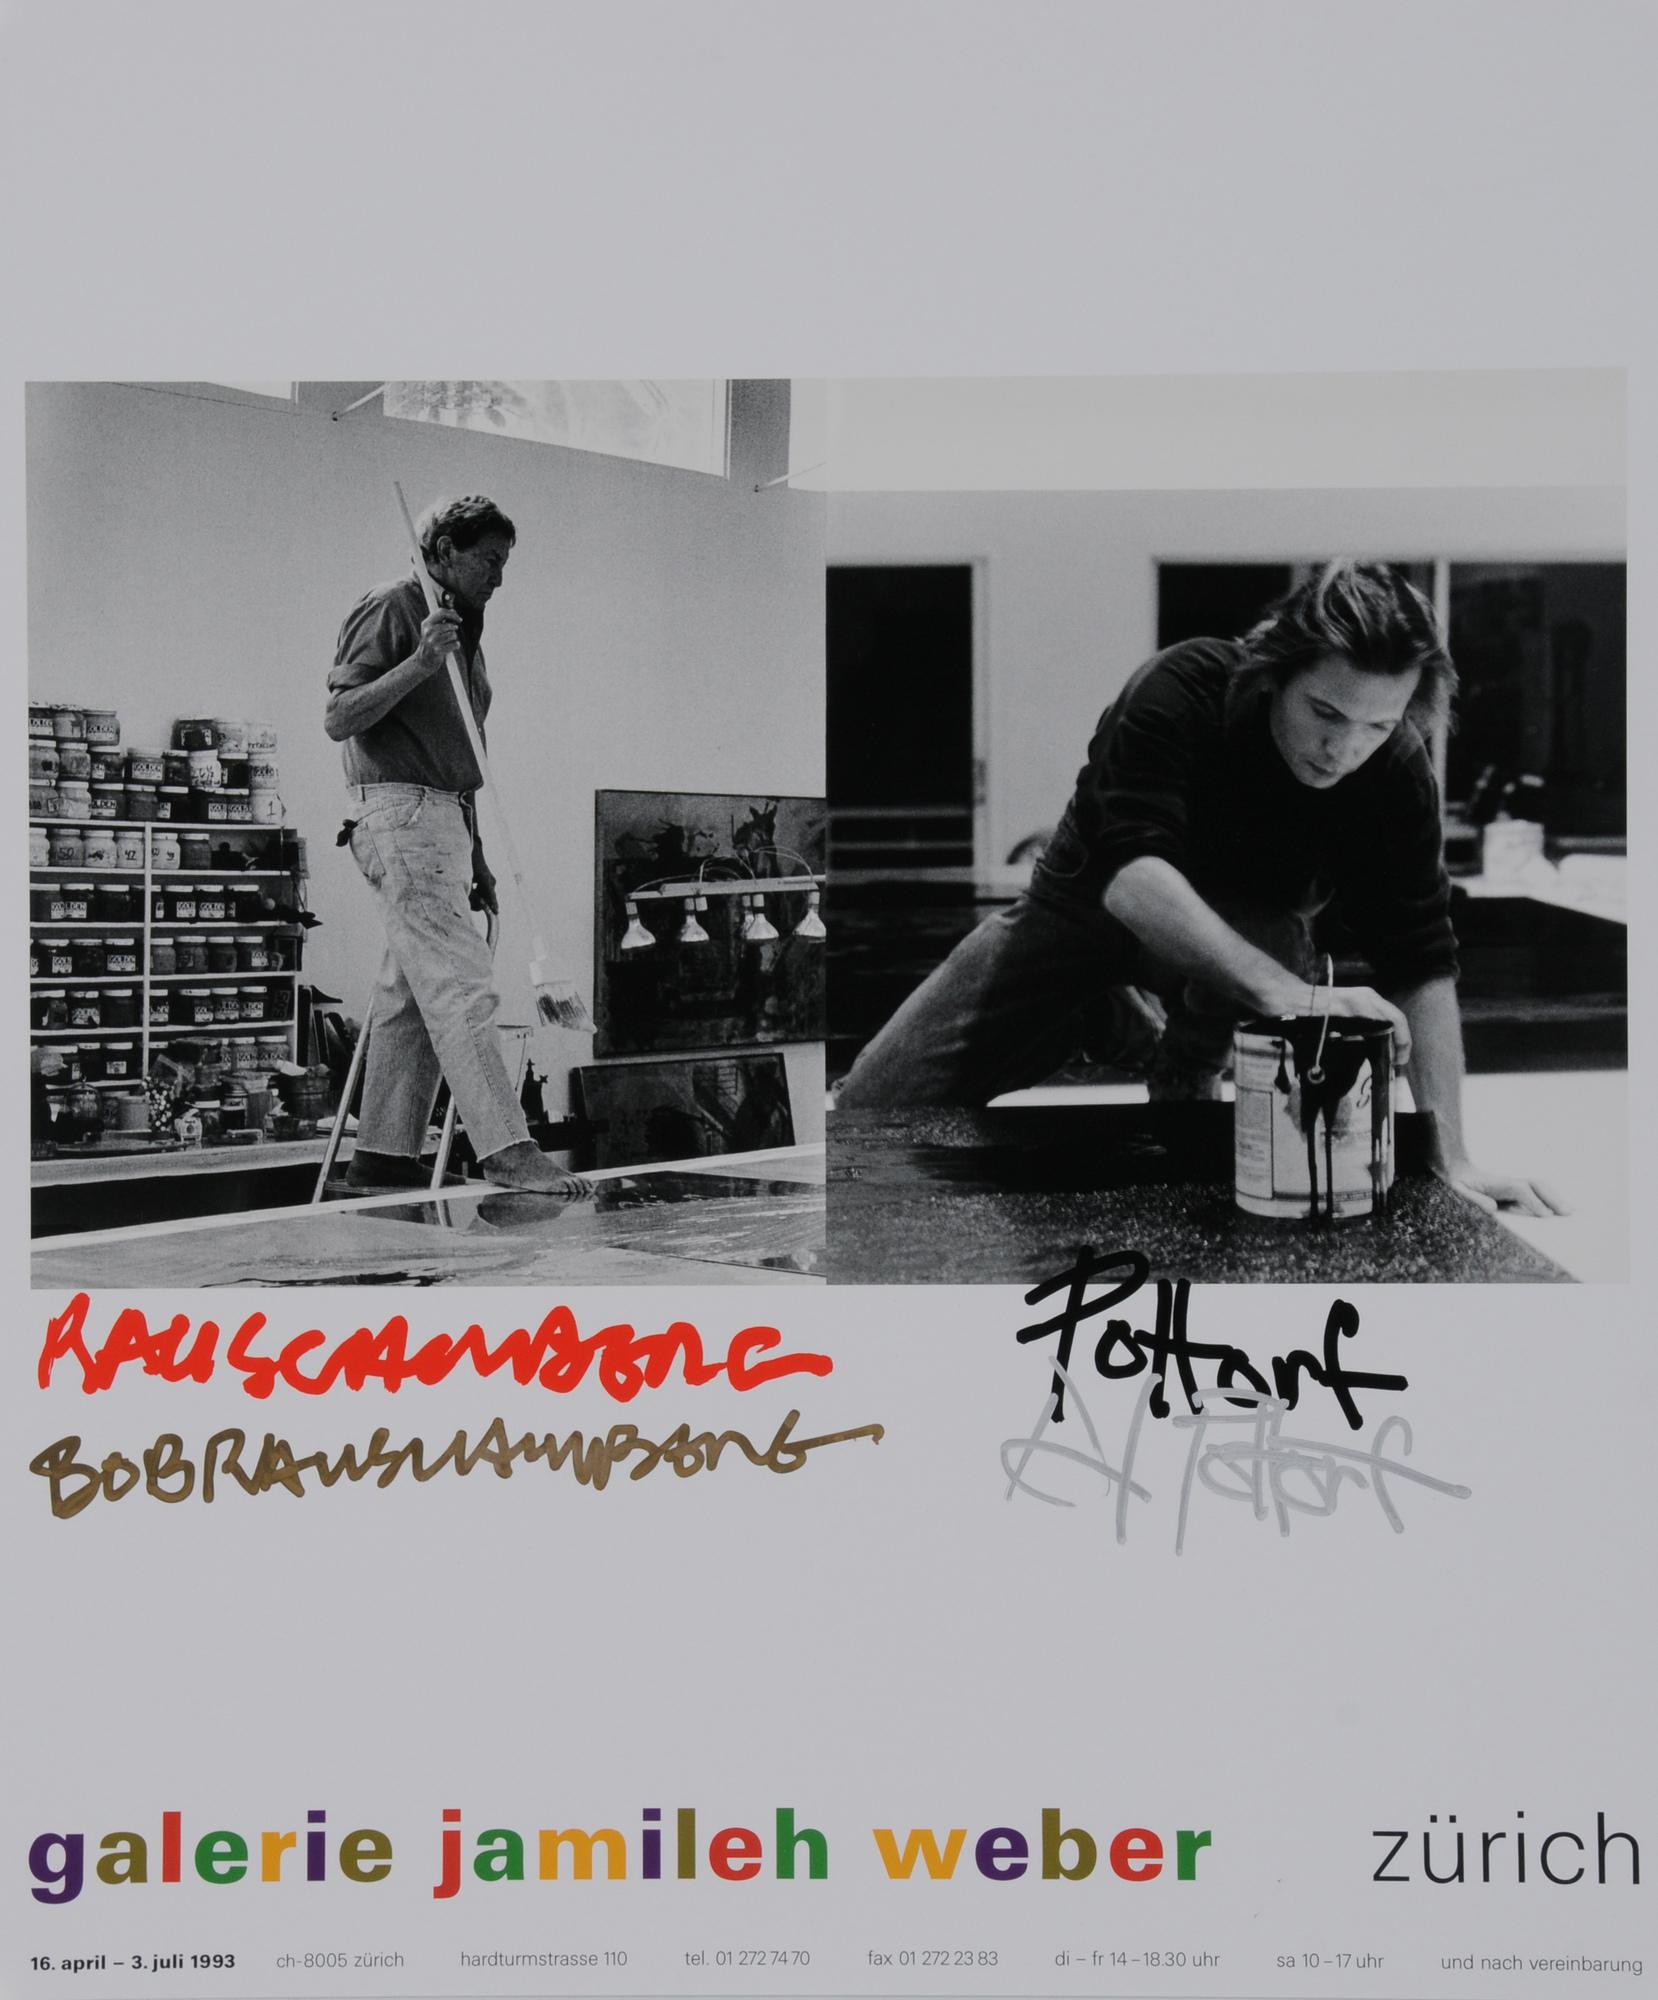 Rauschenberg Robert, Poster. Rauschenberg und Pottorf in der Galerie Jamileh Weber, Zurich, 16. April - 3. July 1993